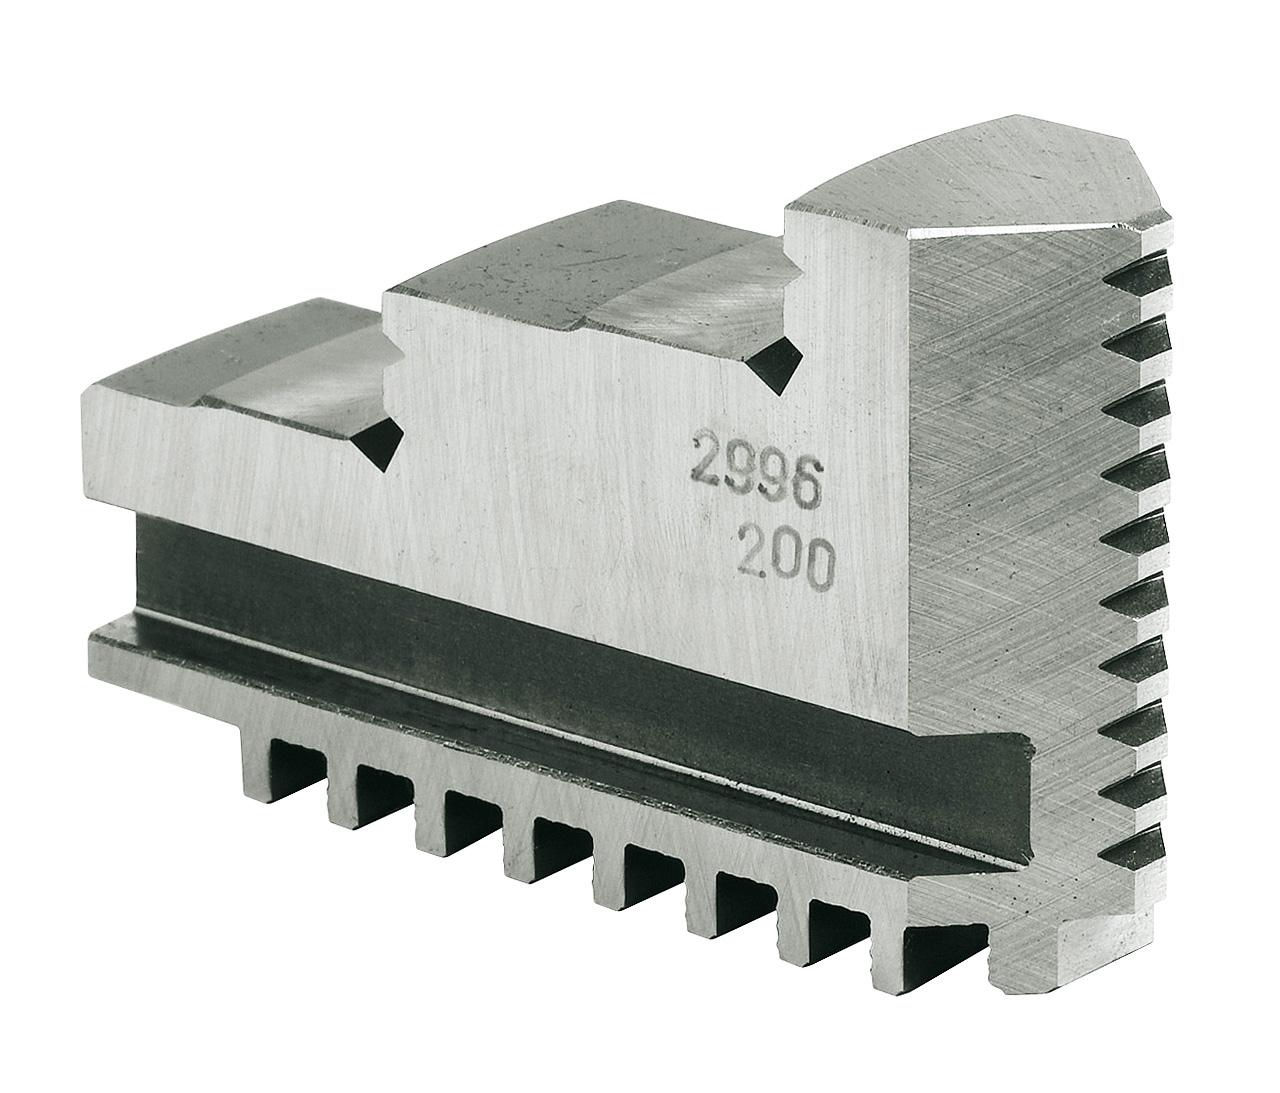 Szczęki jednolite twarde zewnętrzne - komplet OJ-PS3-400 BERNARDO